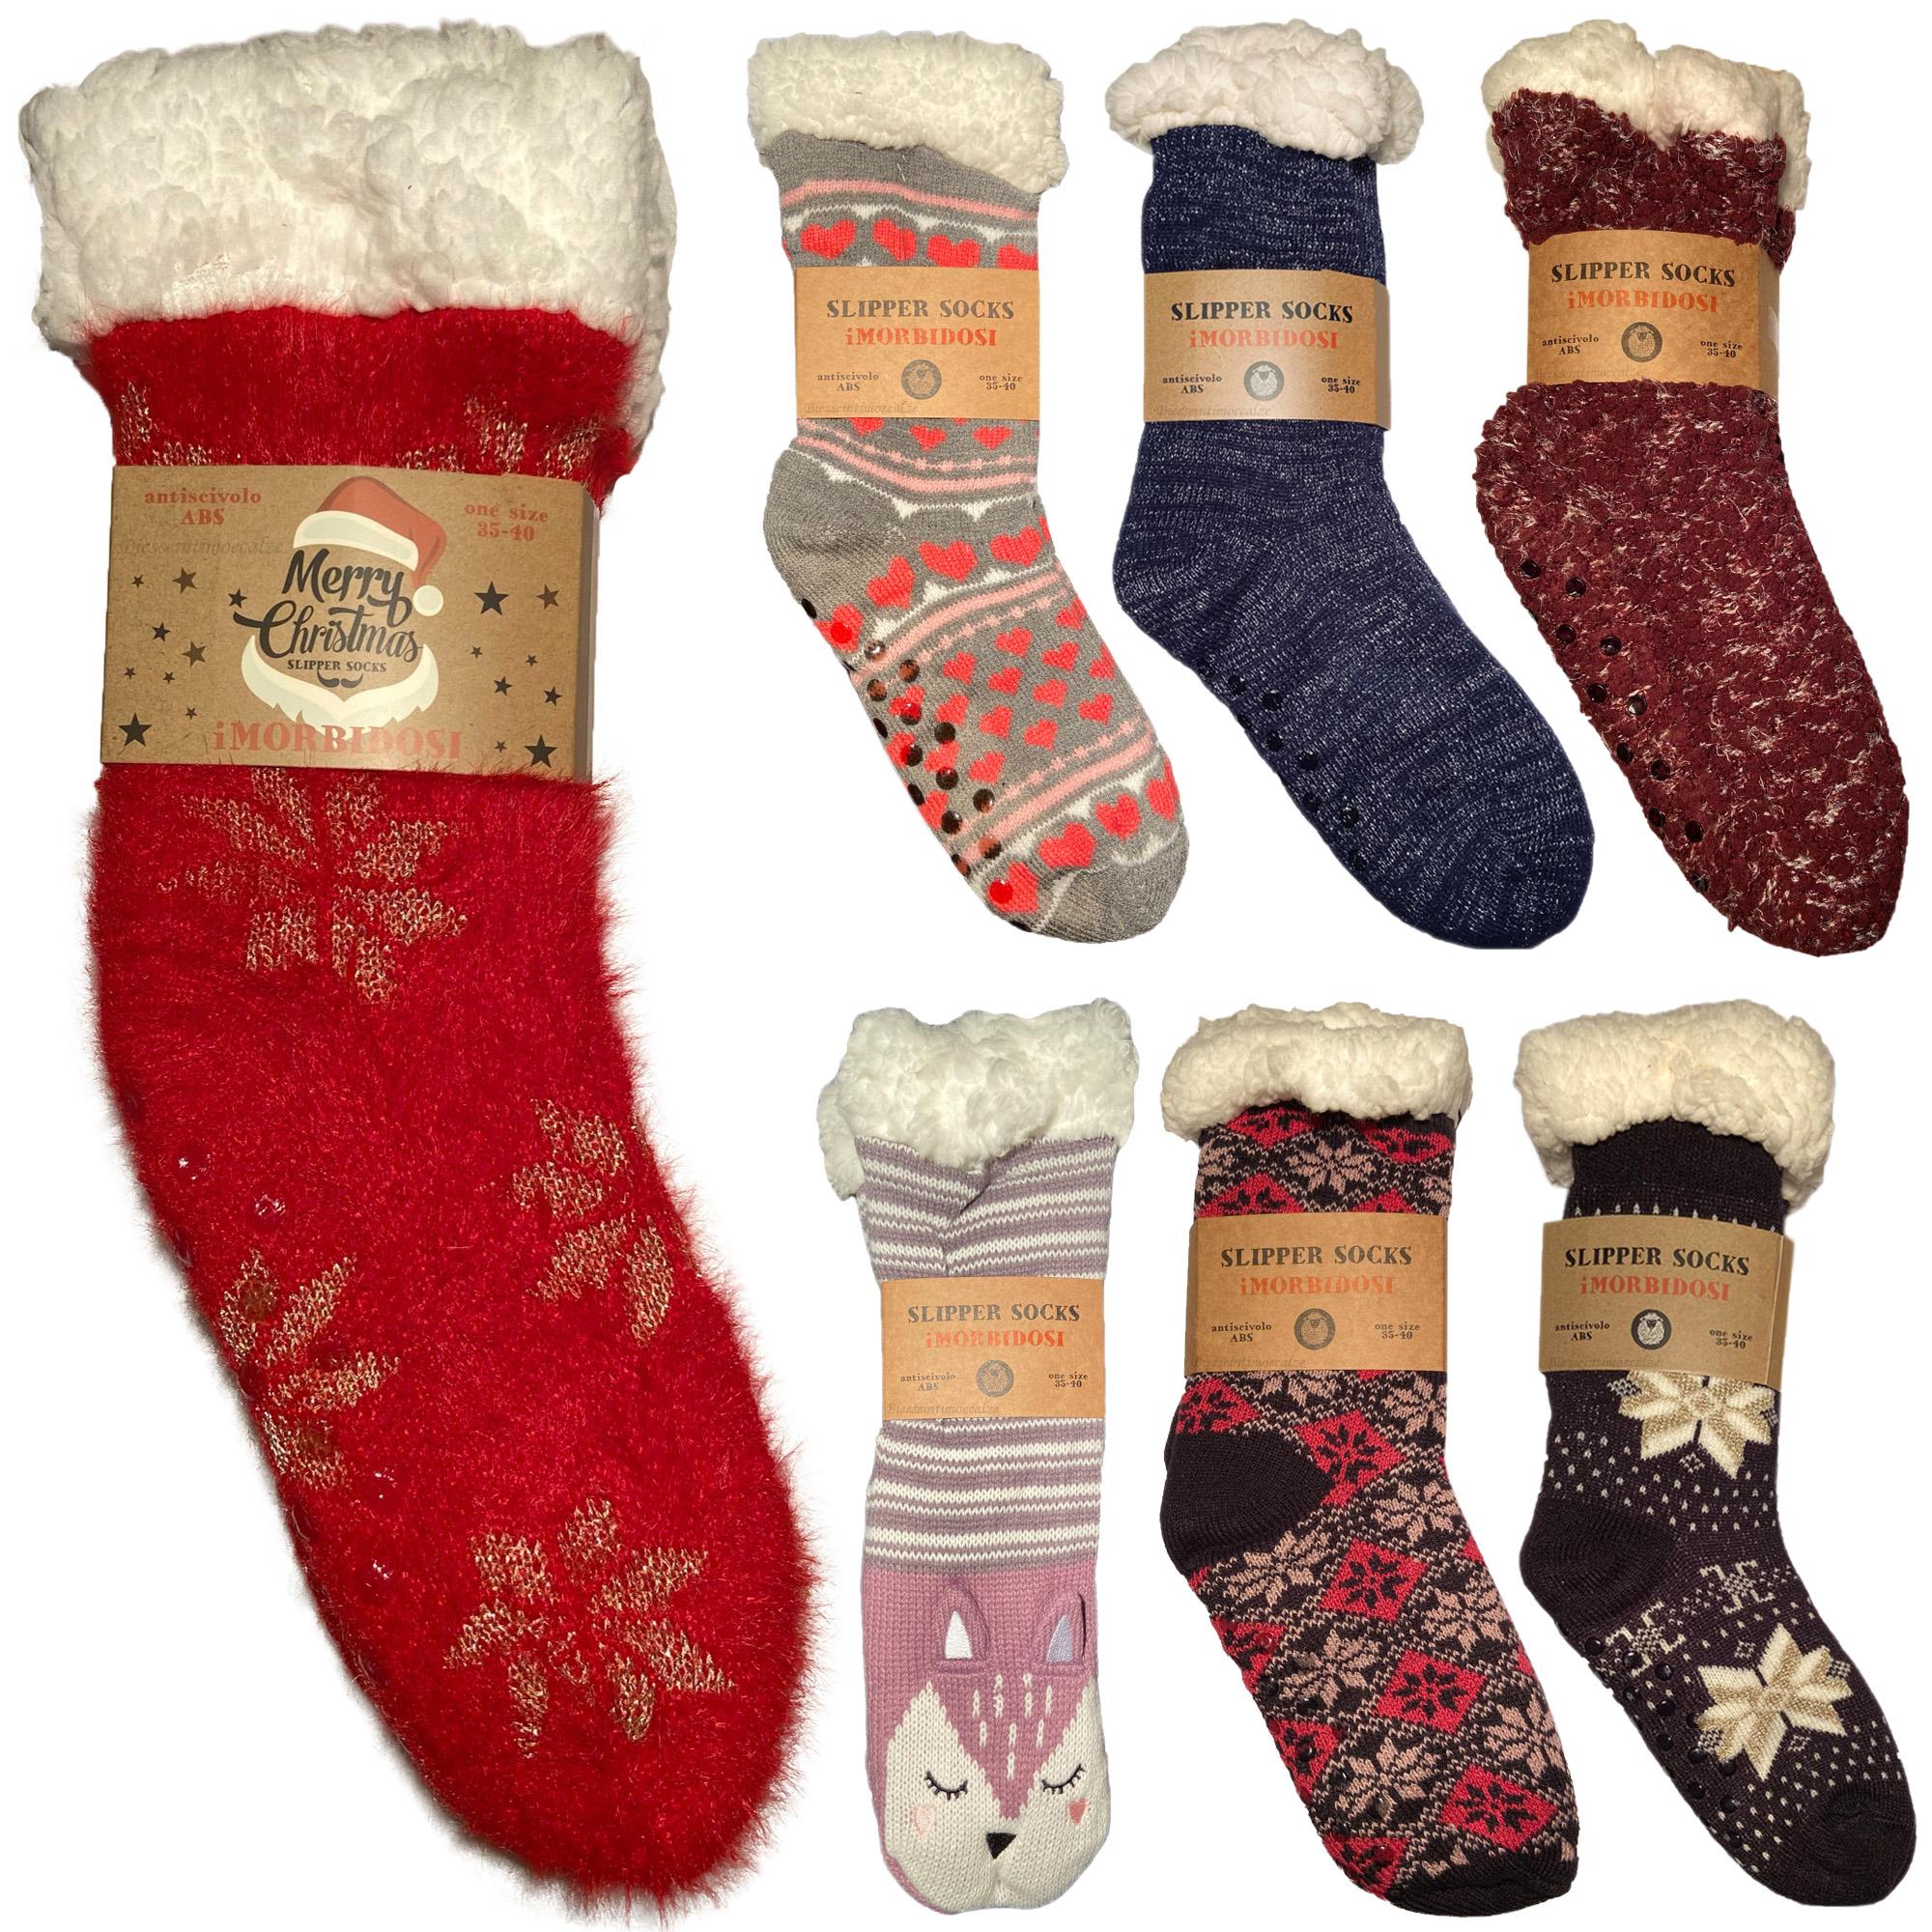 5 Pacco TAGVO Invernali Babbucce Calzini Soffici Calzini Calzini Pantofola Termica Calzini Casual da Donna Ragazze